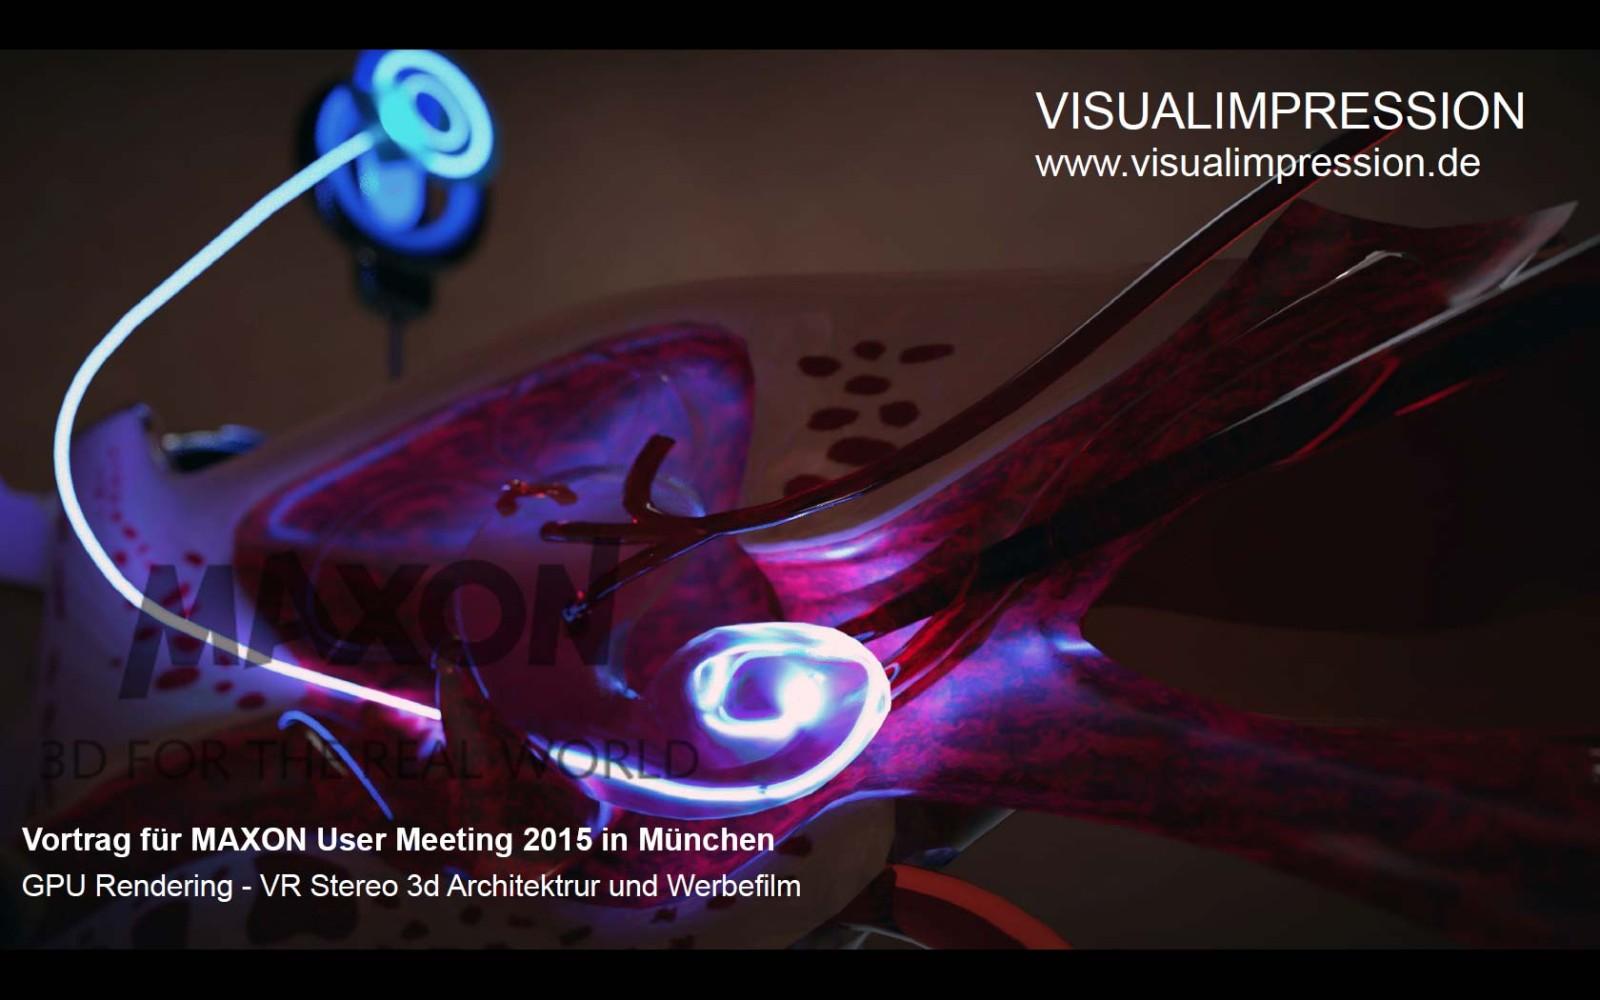 MAXON-User-Meeting-2015-München-GPU-Rendering-VR-Stereo-3D-Architektur-und-Werbefilm